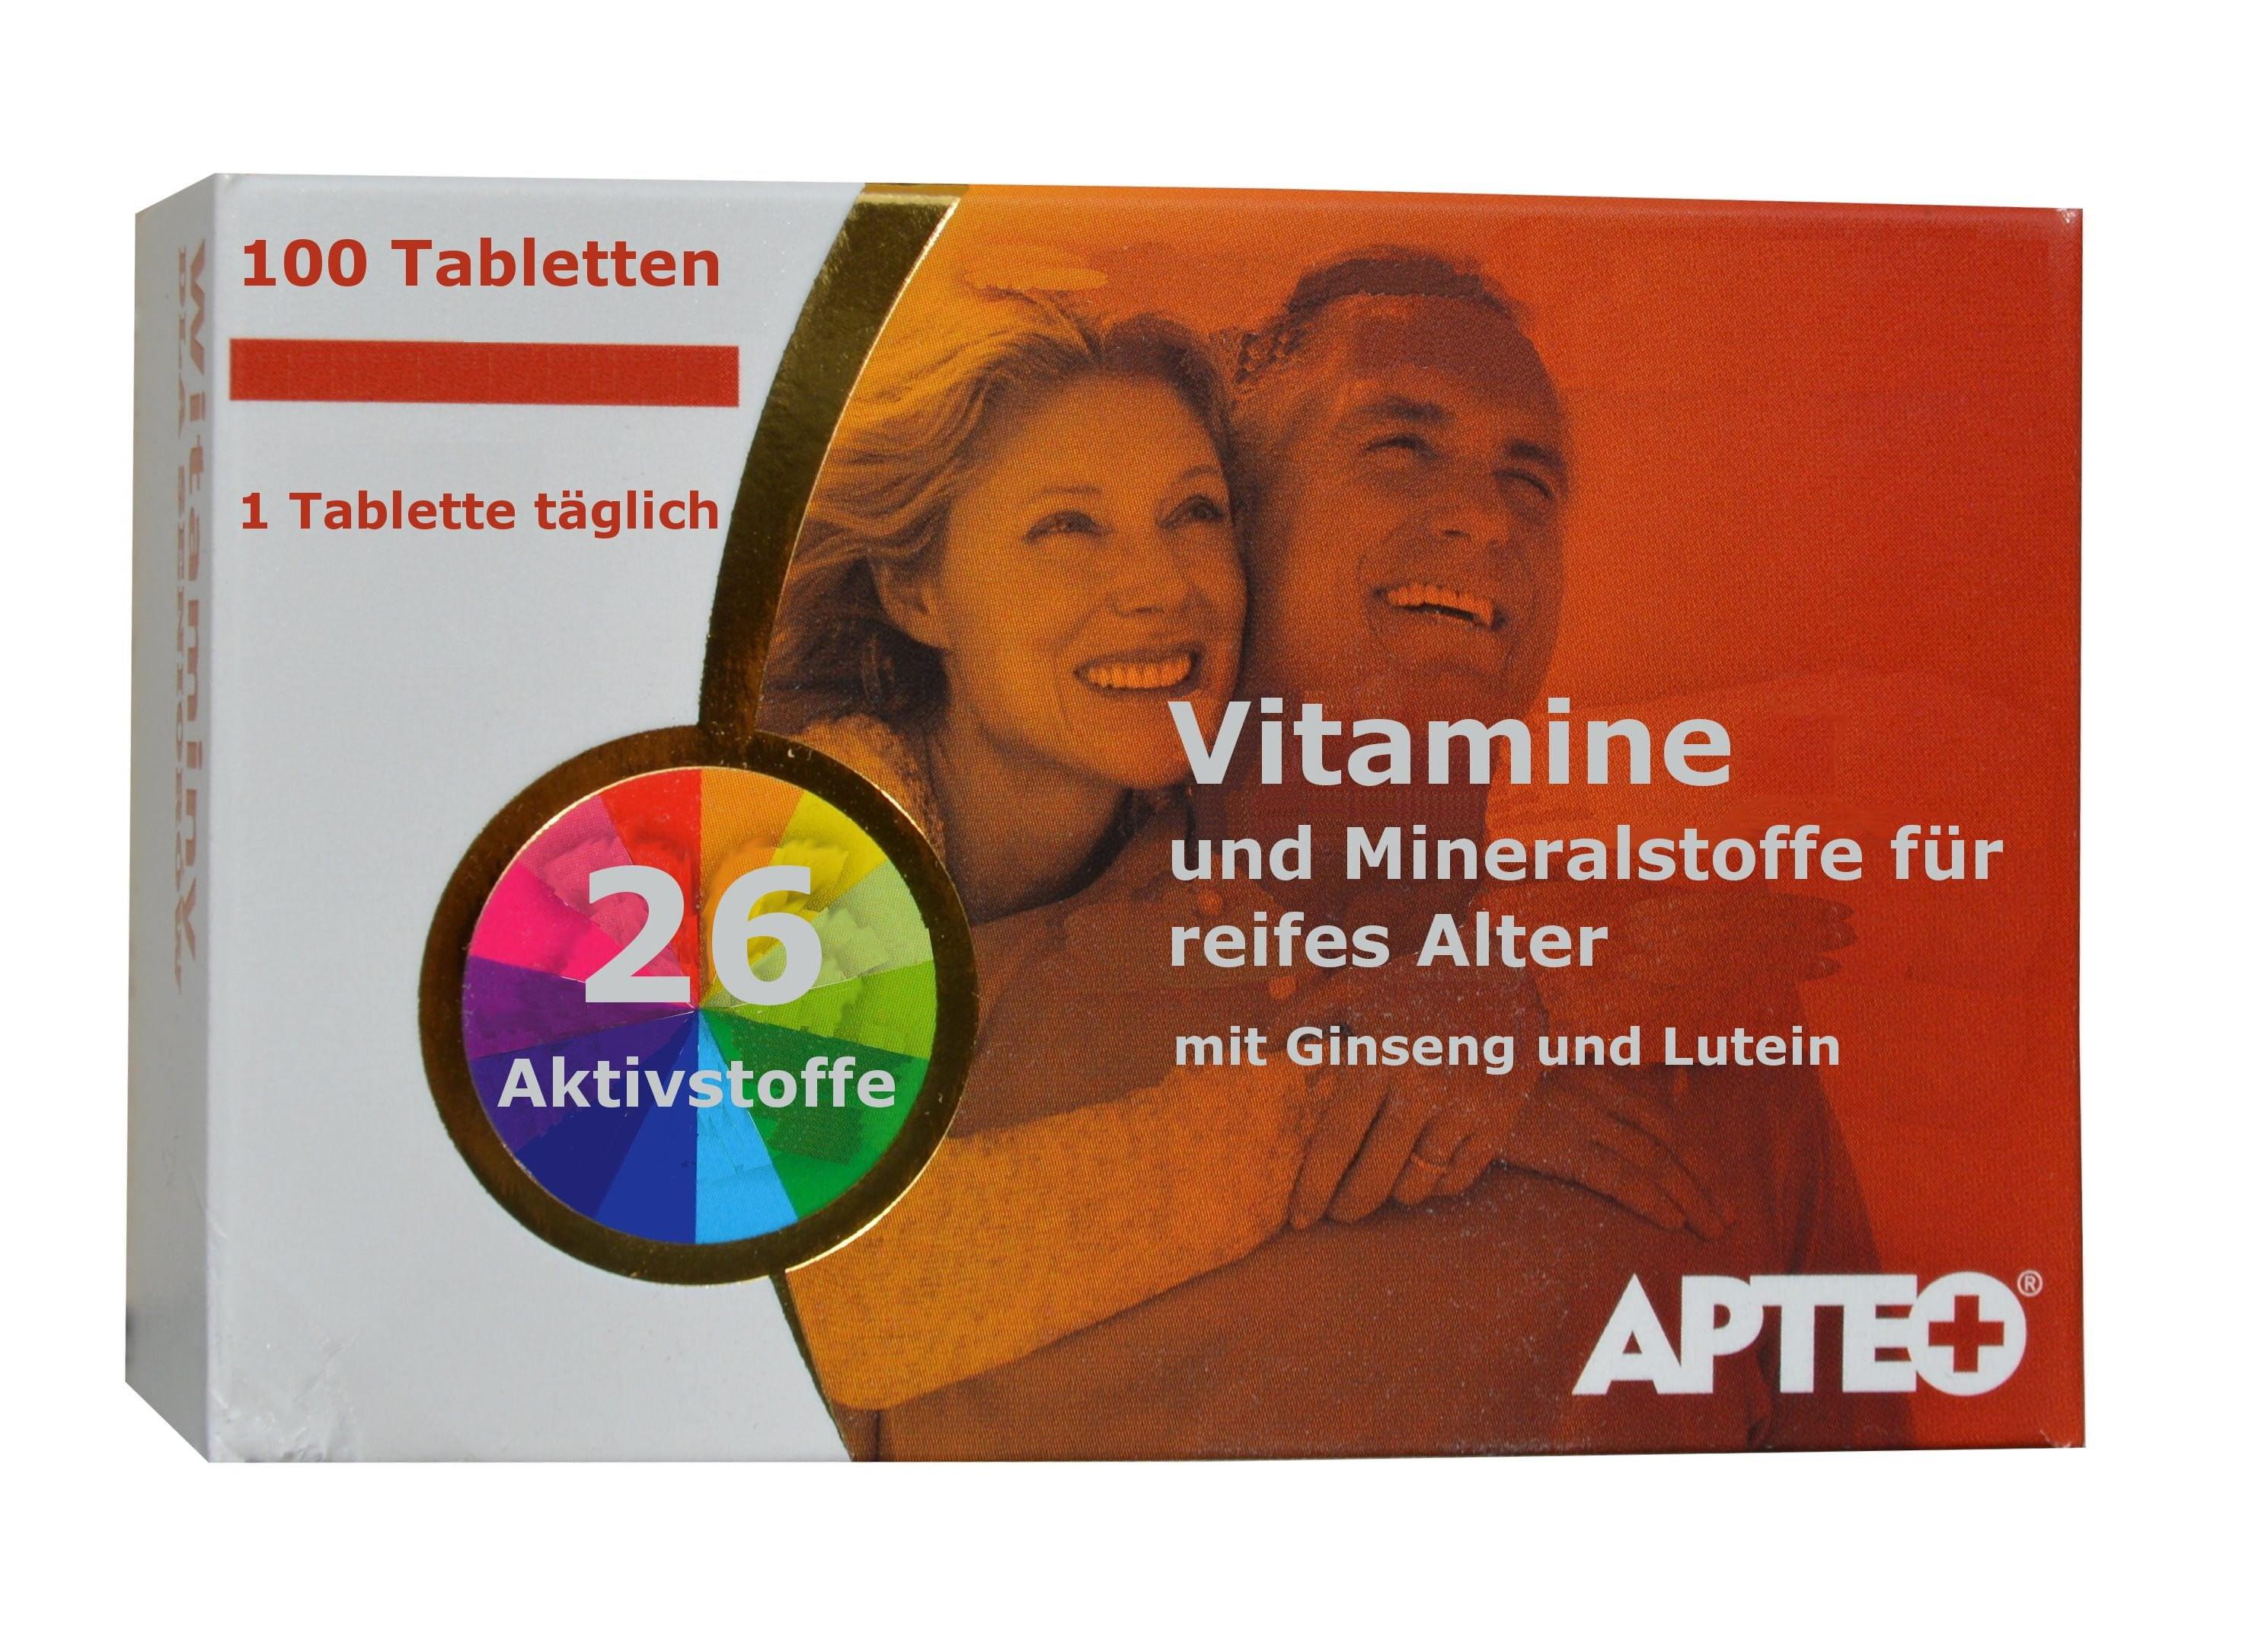 tibet waren multivitamine und mineralstoffe f r reifes alter senioren 100 tabletten mit. Black Bedroom Furniture Sets. Home Design Ideas